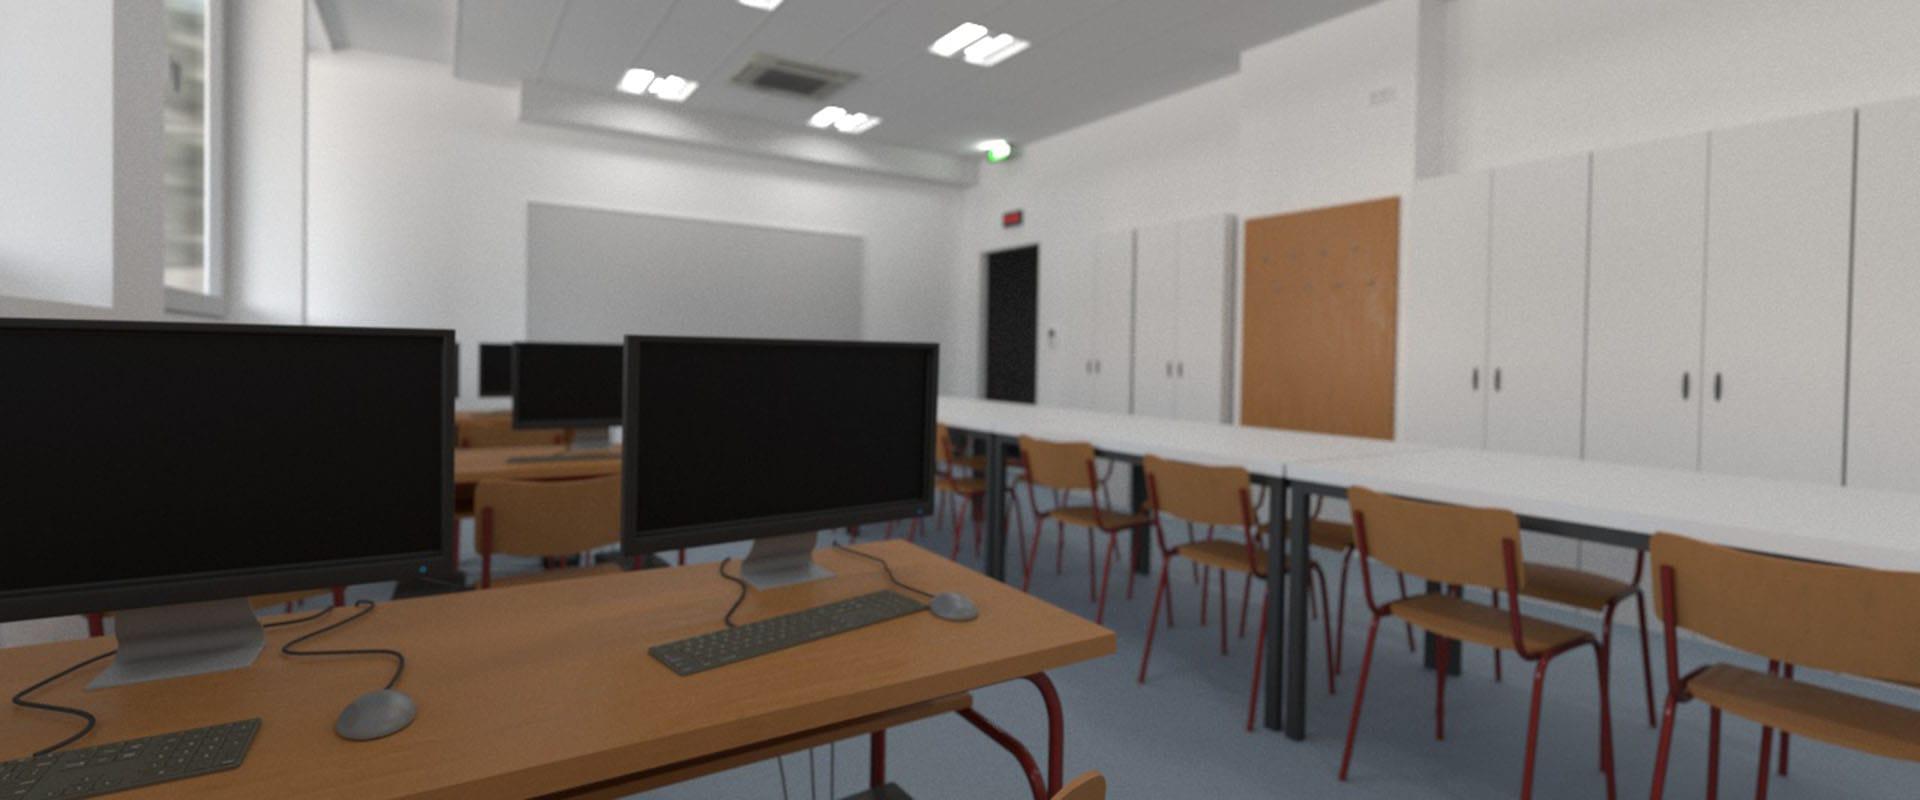 Projektna Produkcija - Usluge - Računalna Grafika